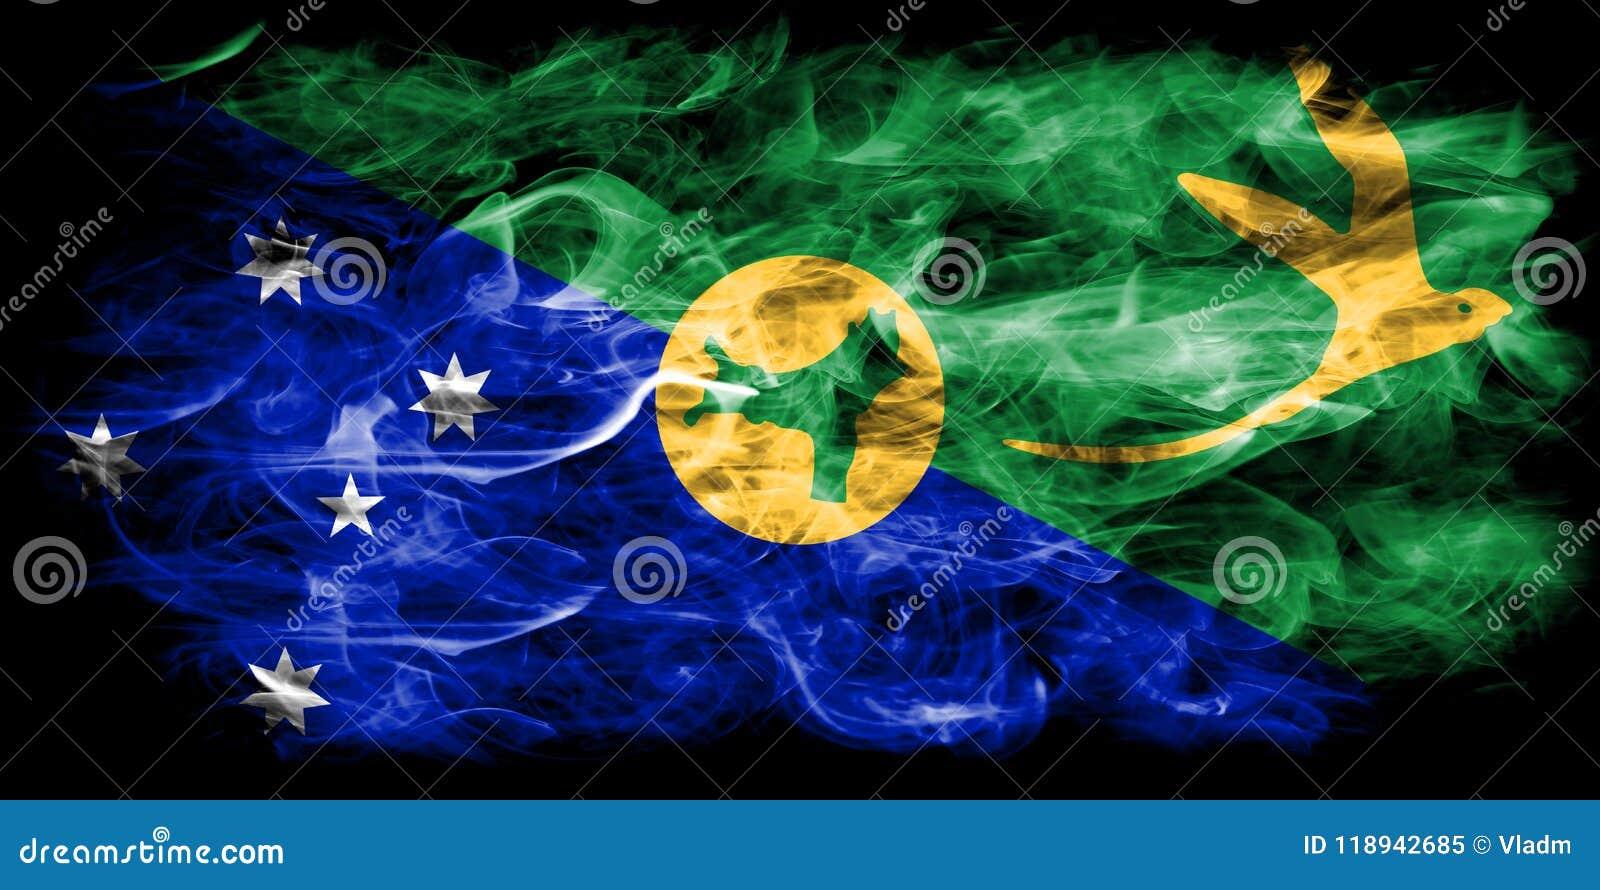 Bandera del humo de la Isla de Navidad, bandera dependiente del territorio de Australia